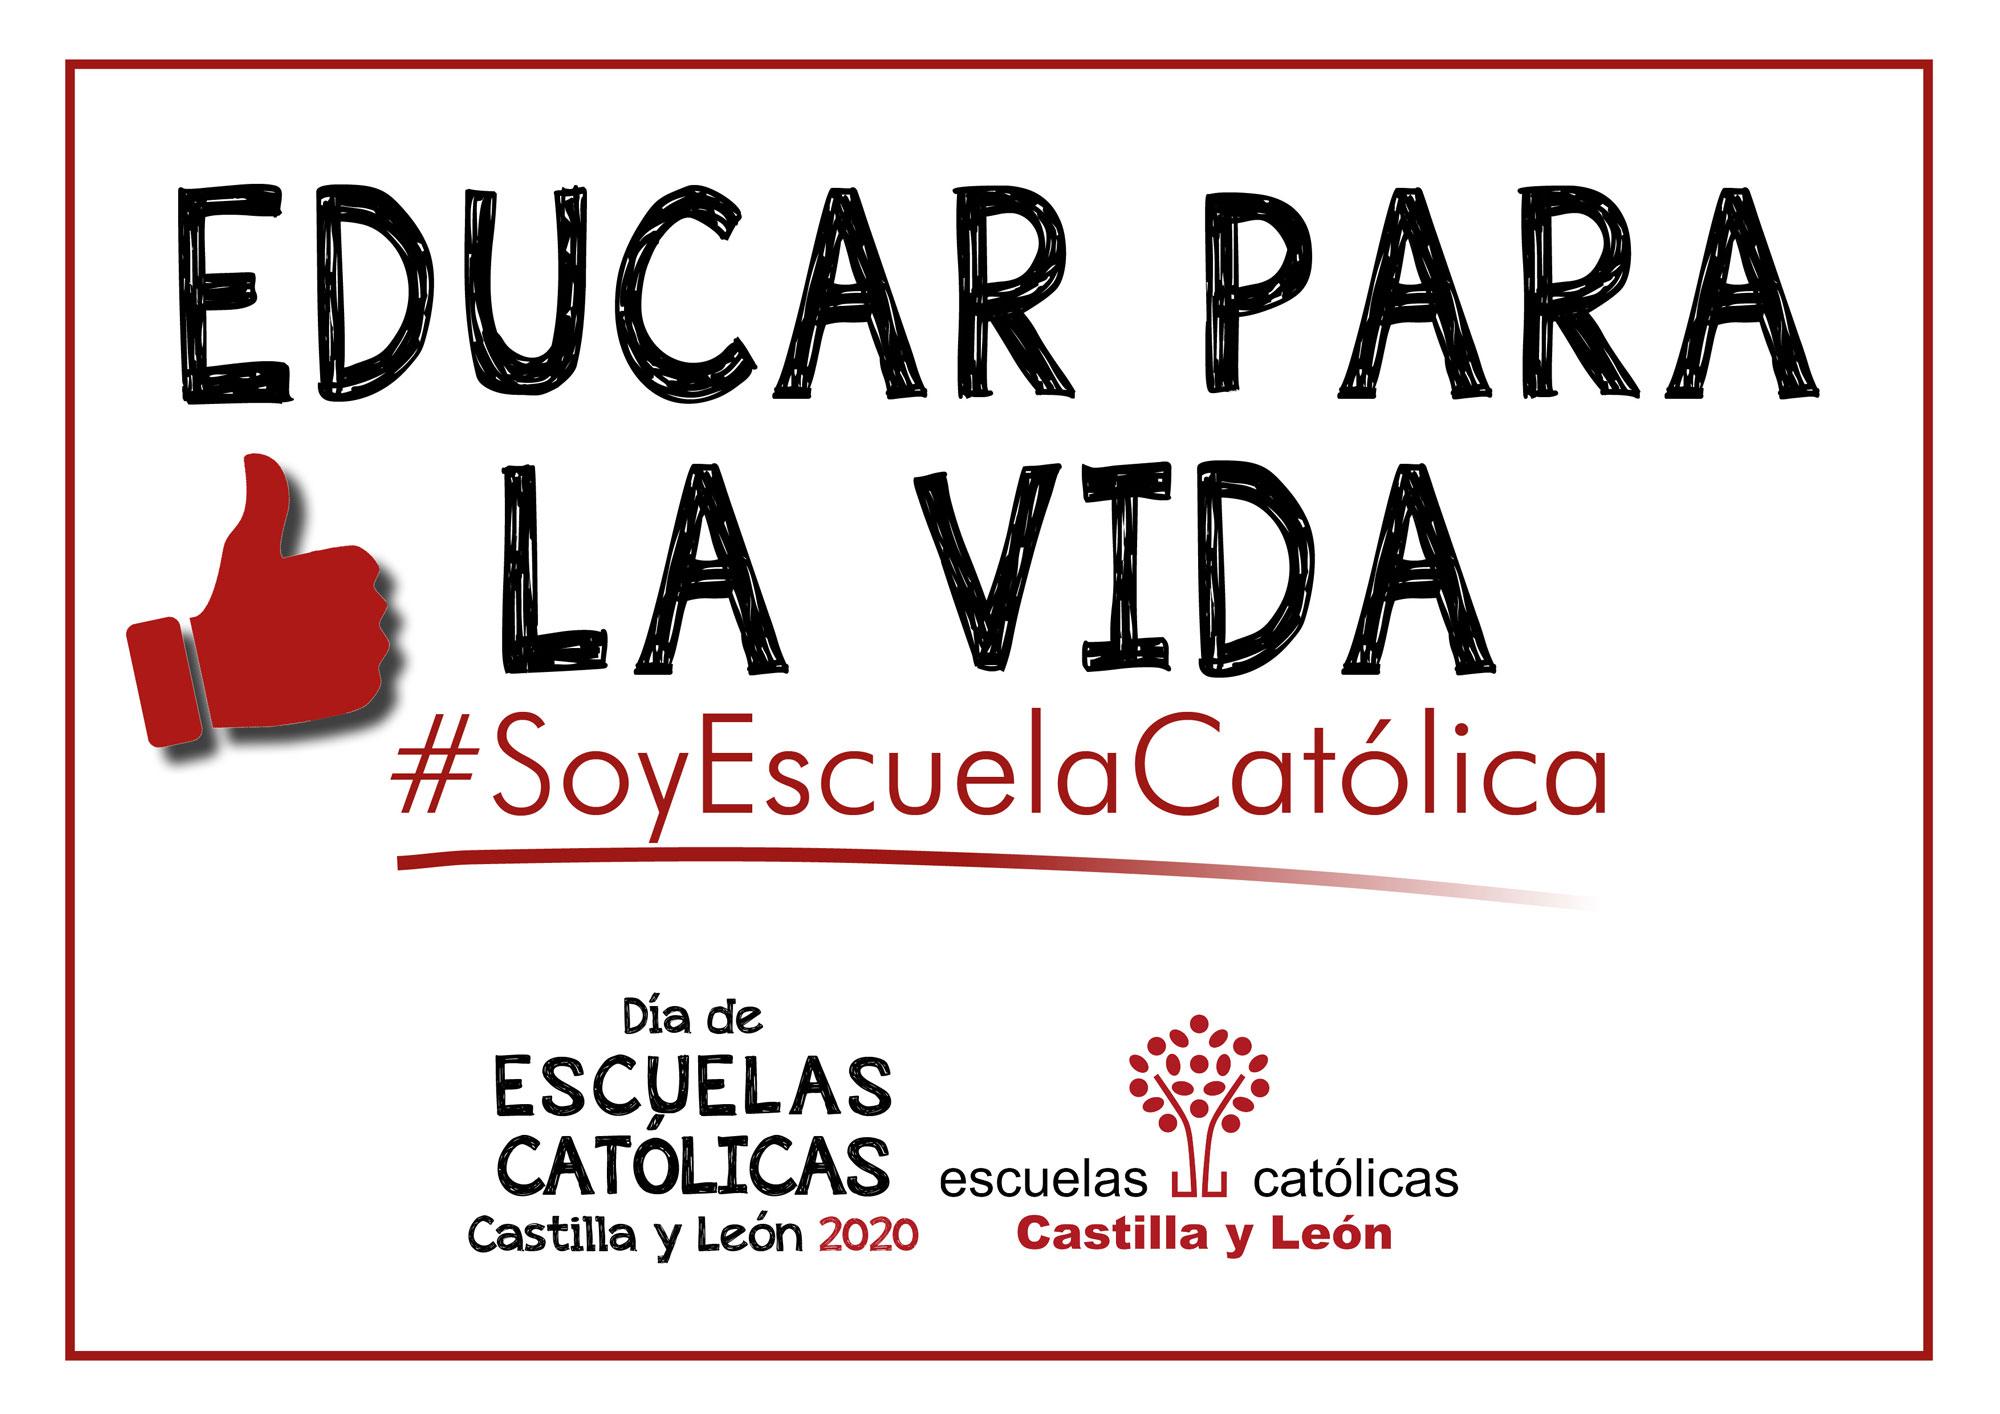 Escuelas Catolicas Castilla y Leon